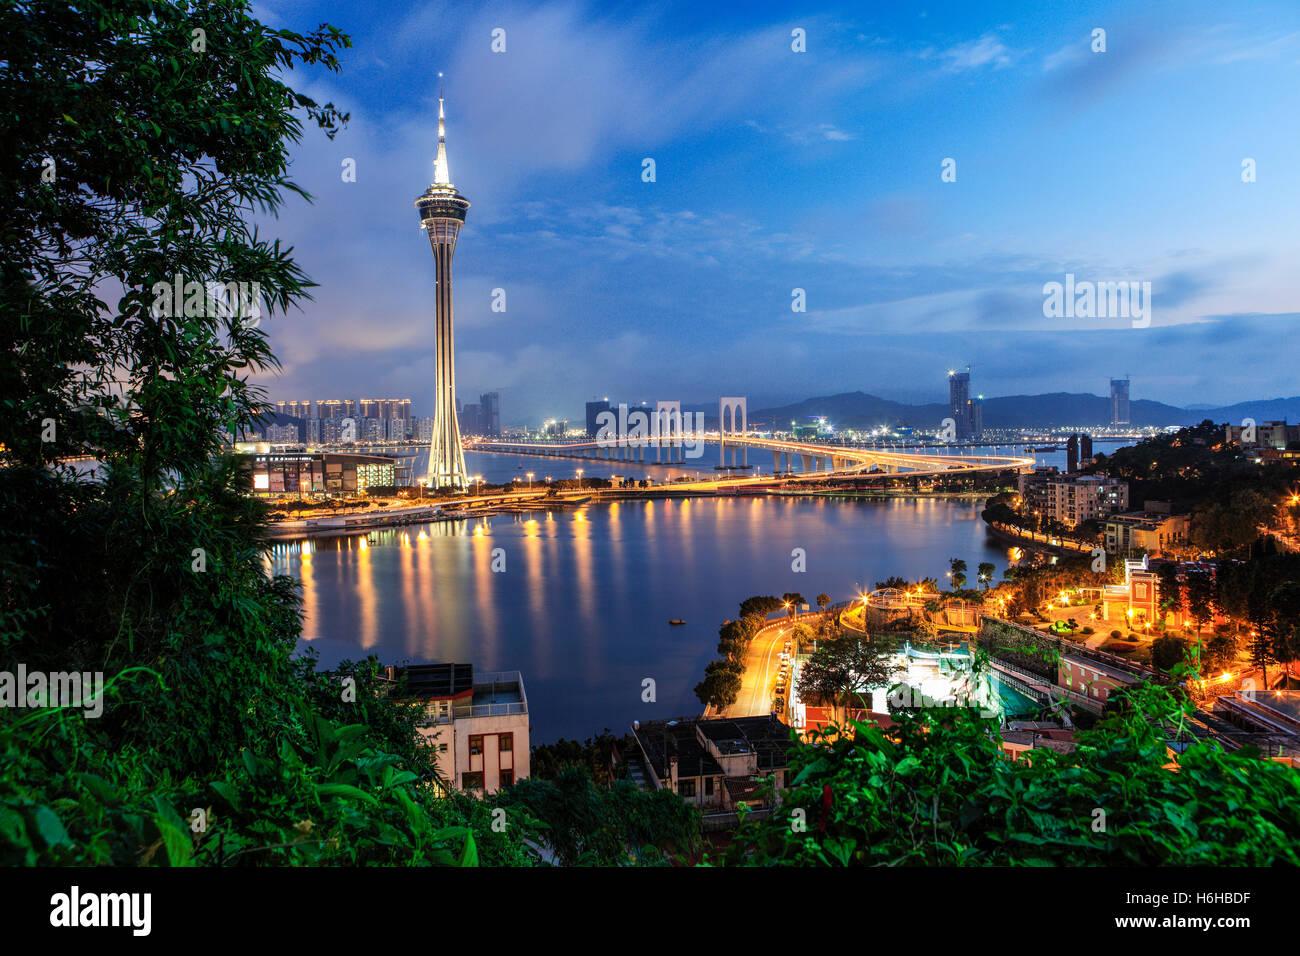 La Torre di Macau con la vista dell'ISC Van Bridge durante il crepuscolo. Immagini Stock